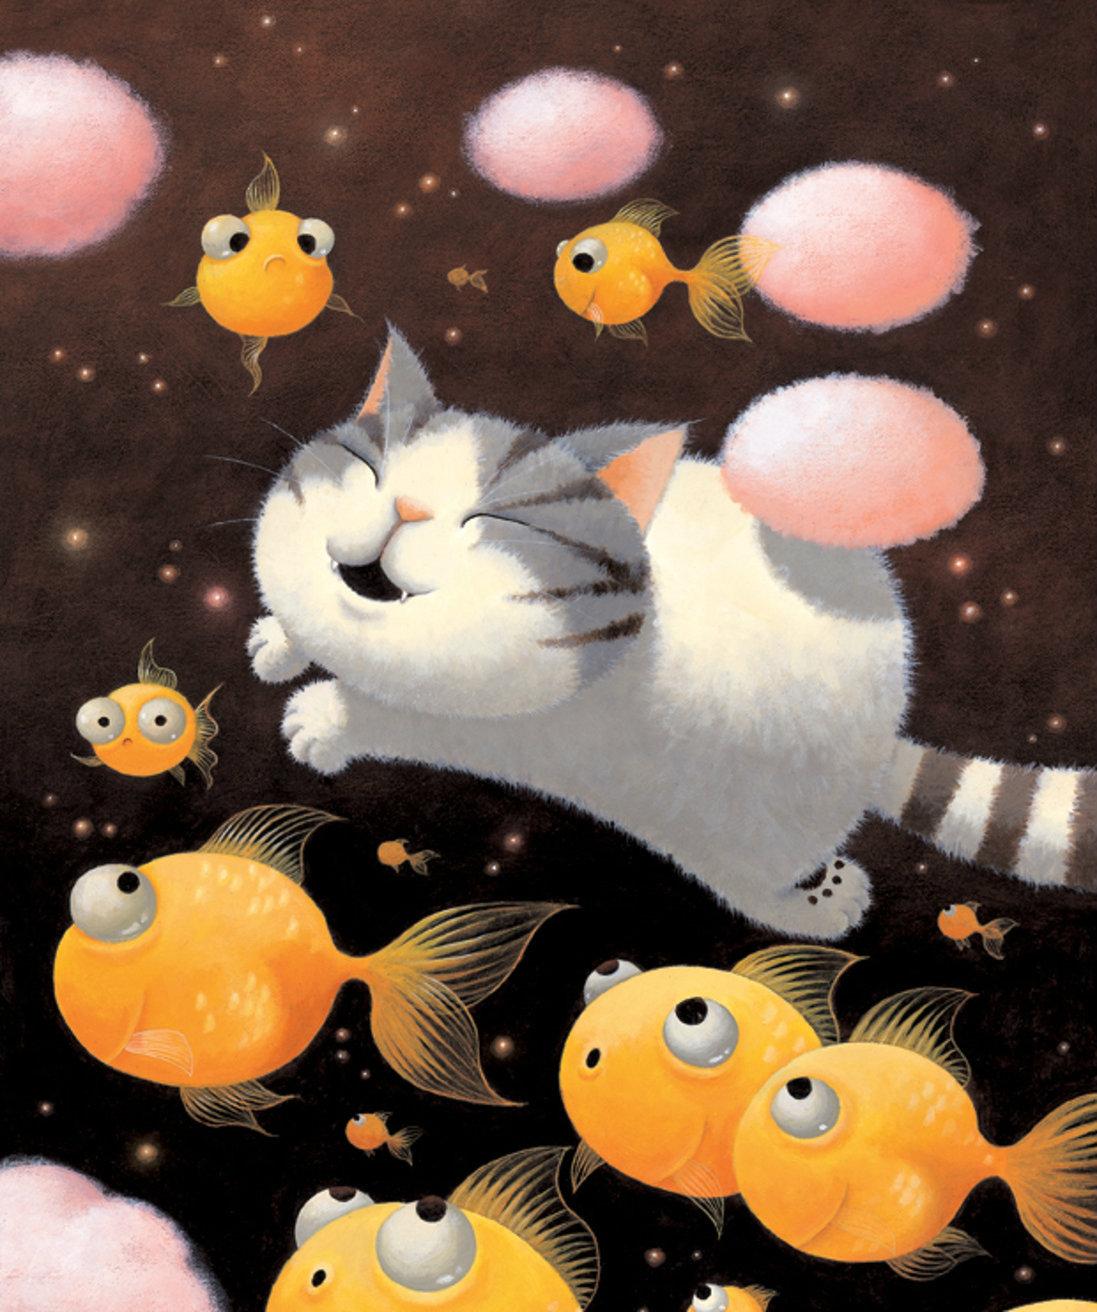 Добрых снов смешные картинки